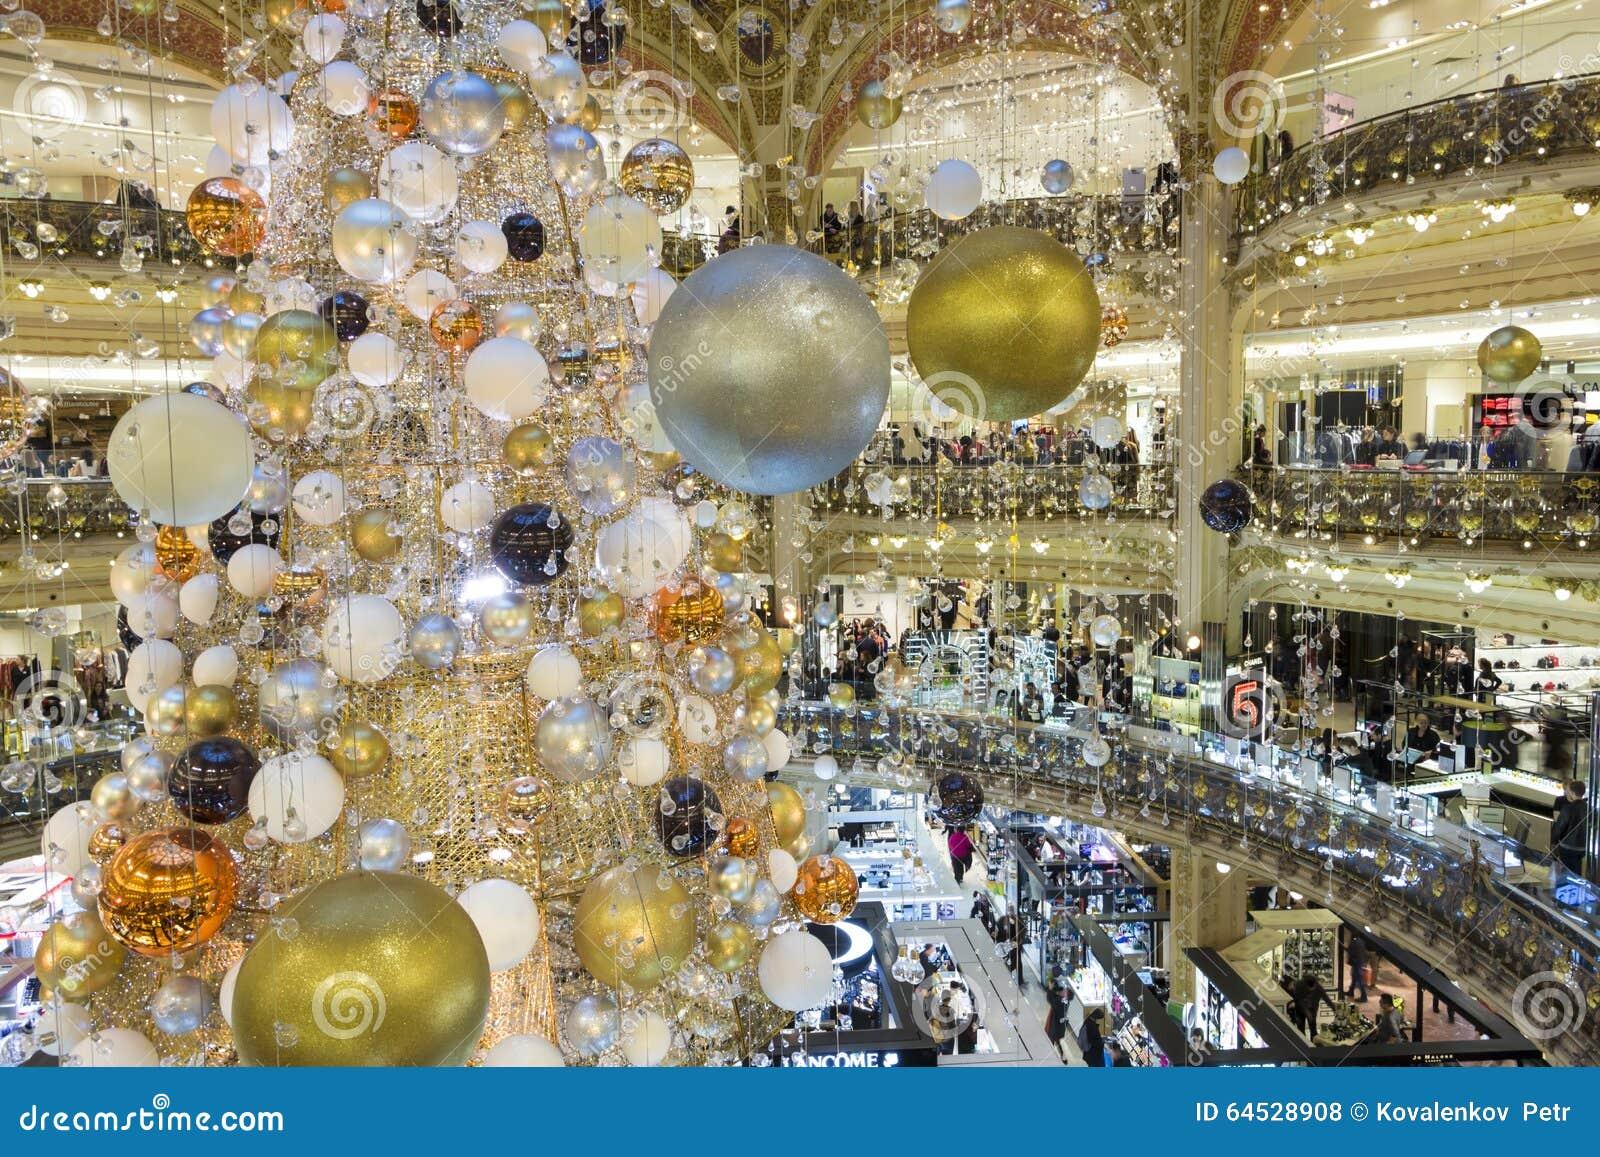 #997732 La Décoration De Noël Au Centre Commercial De Galeries  5363 decorations de noel centre commercial 1300x957 px @ aertt.com